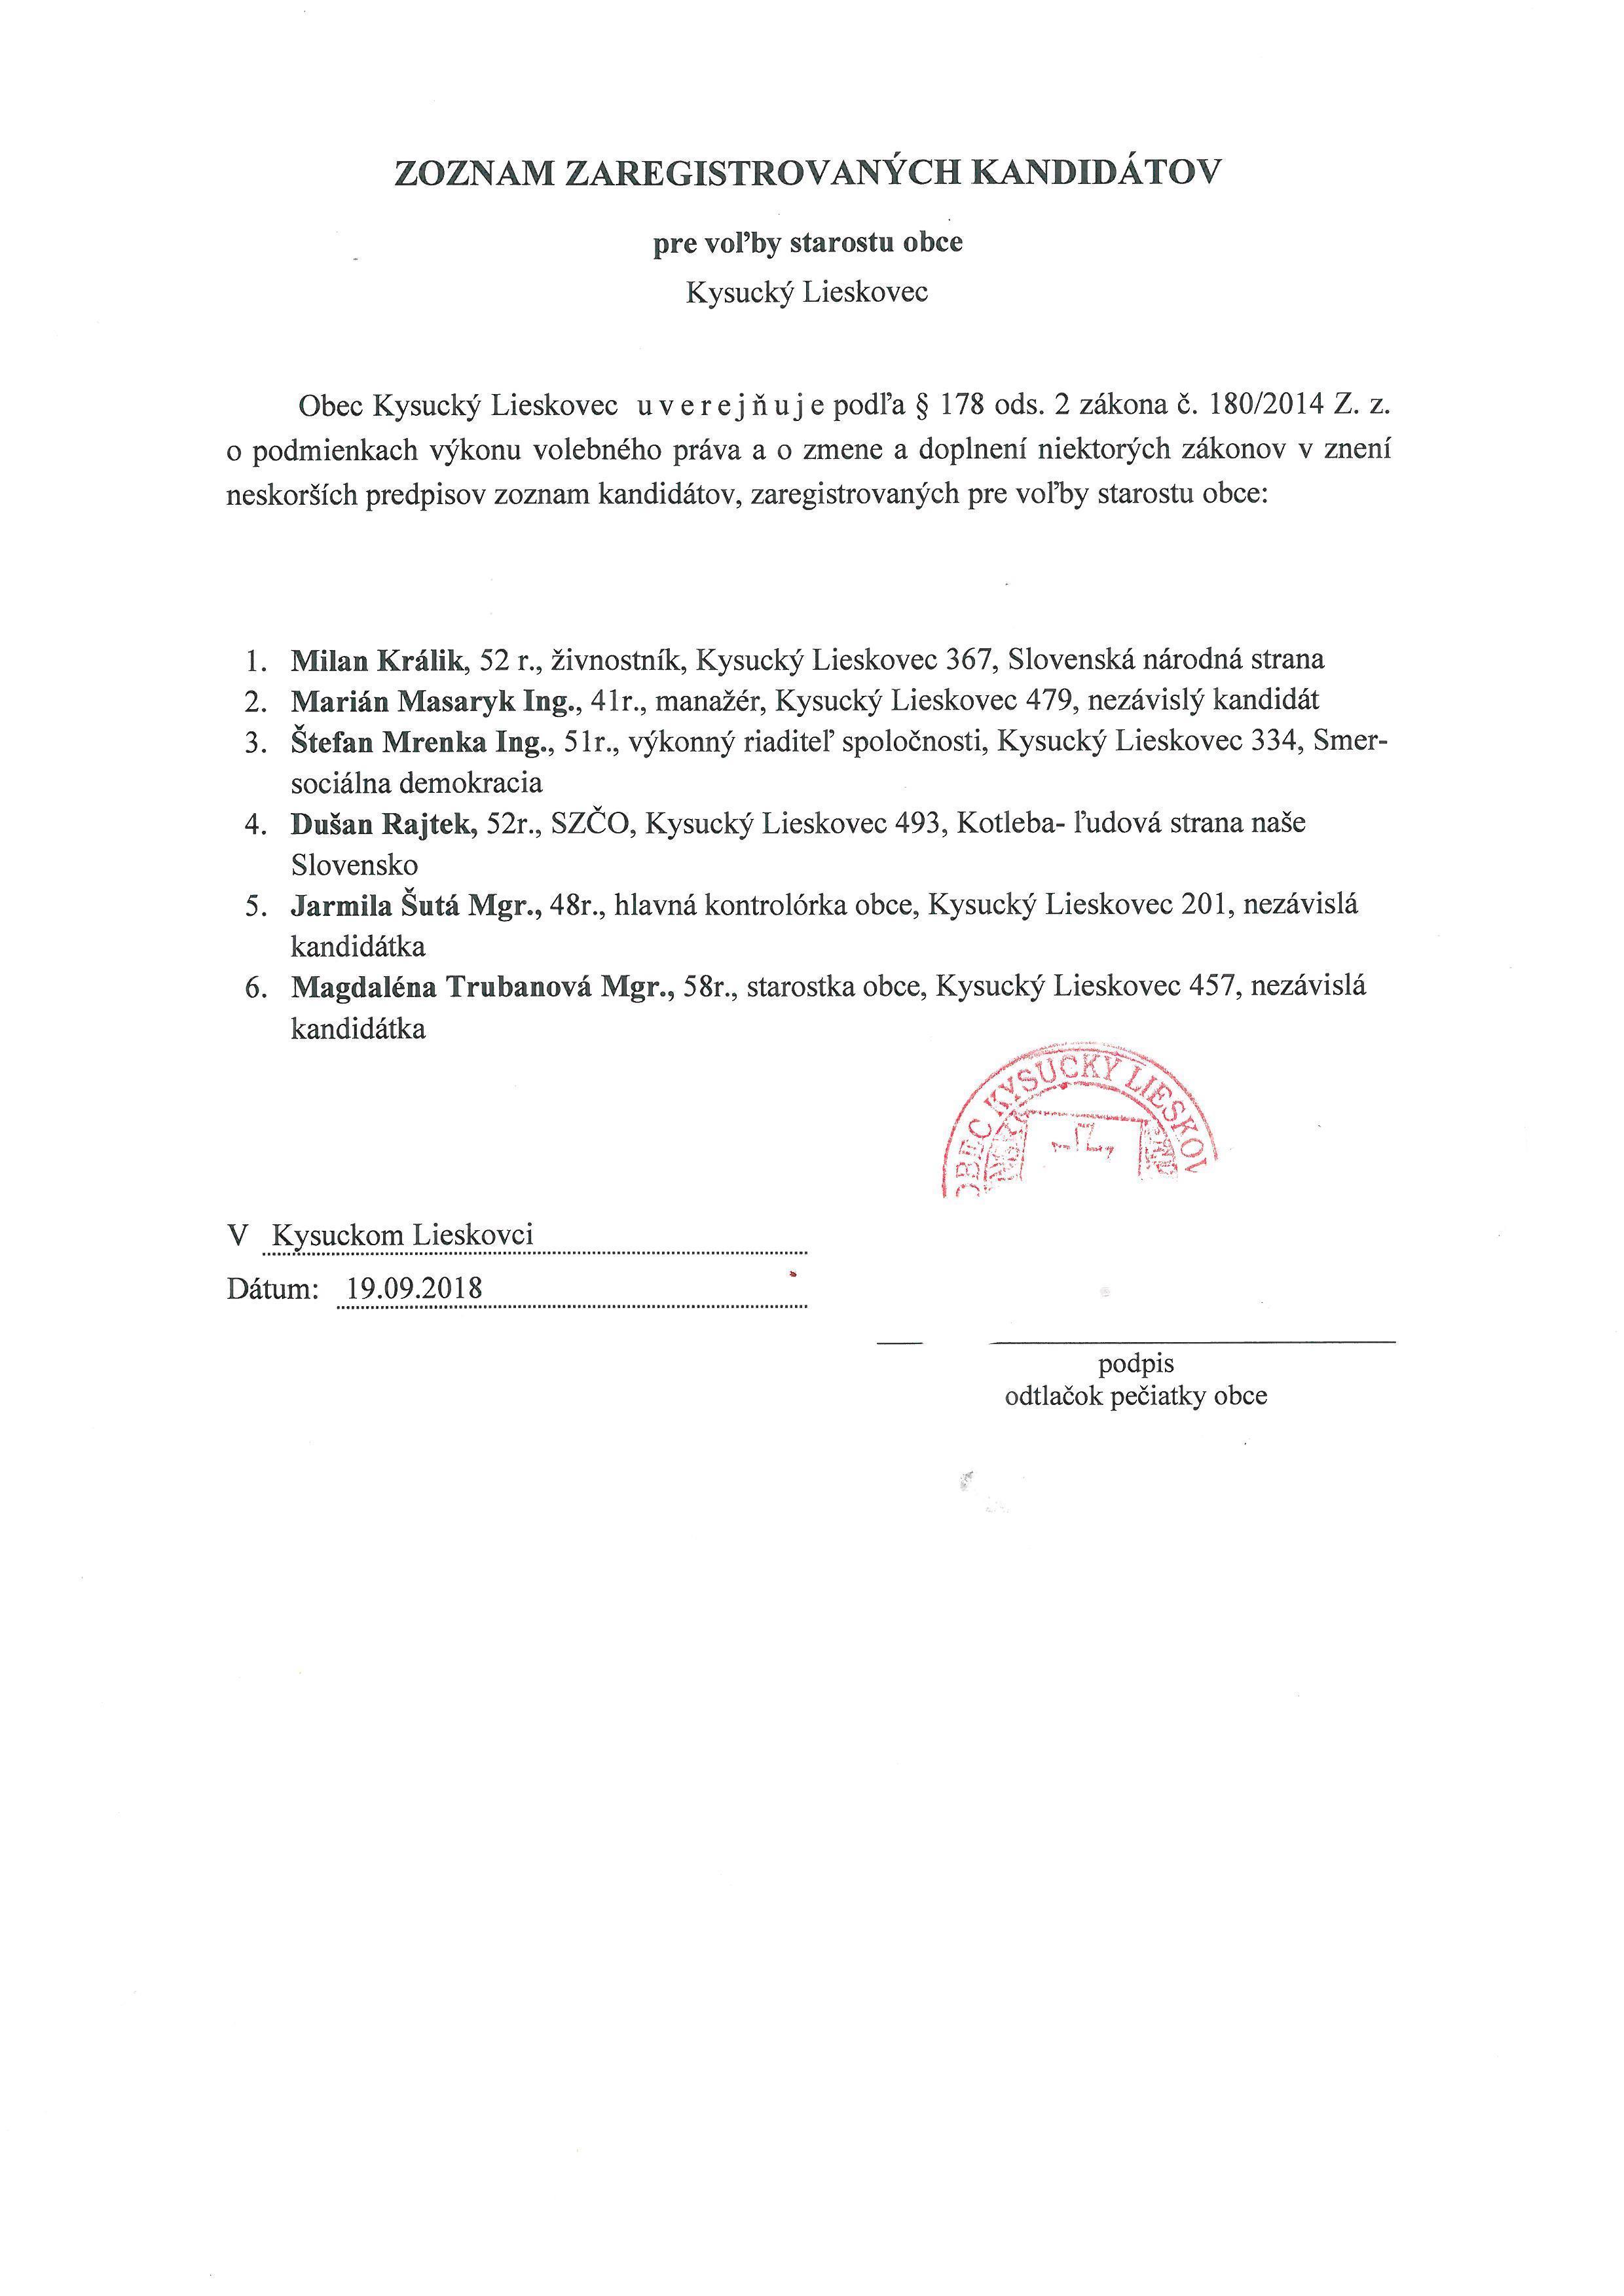 Zoznam zaregistrovaných kandidátov pre voľby starostu obce Kys.Lieskovec - platný po revidovaní miestnou volebnou komisiou obce Kysucký Lieskovec  - starosta